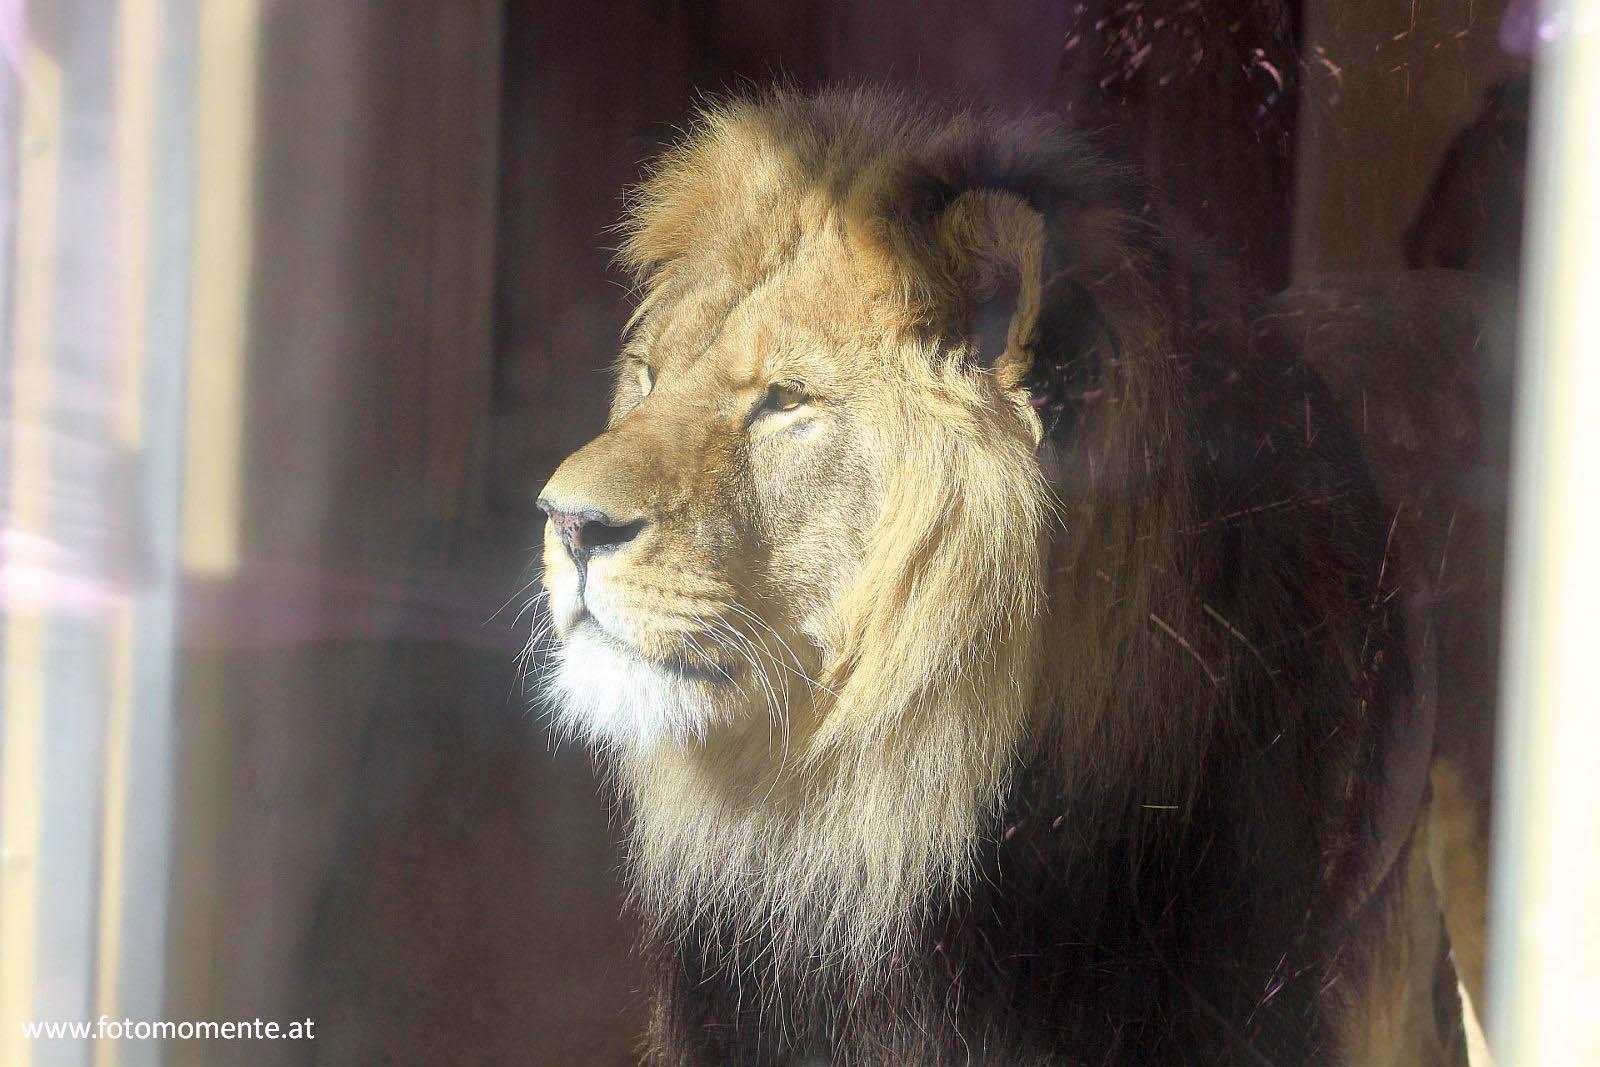 löwe hinter glas - Afrikanischer Löwe in der Tierwelt Herberstein - hinter Glas